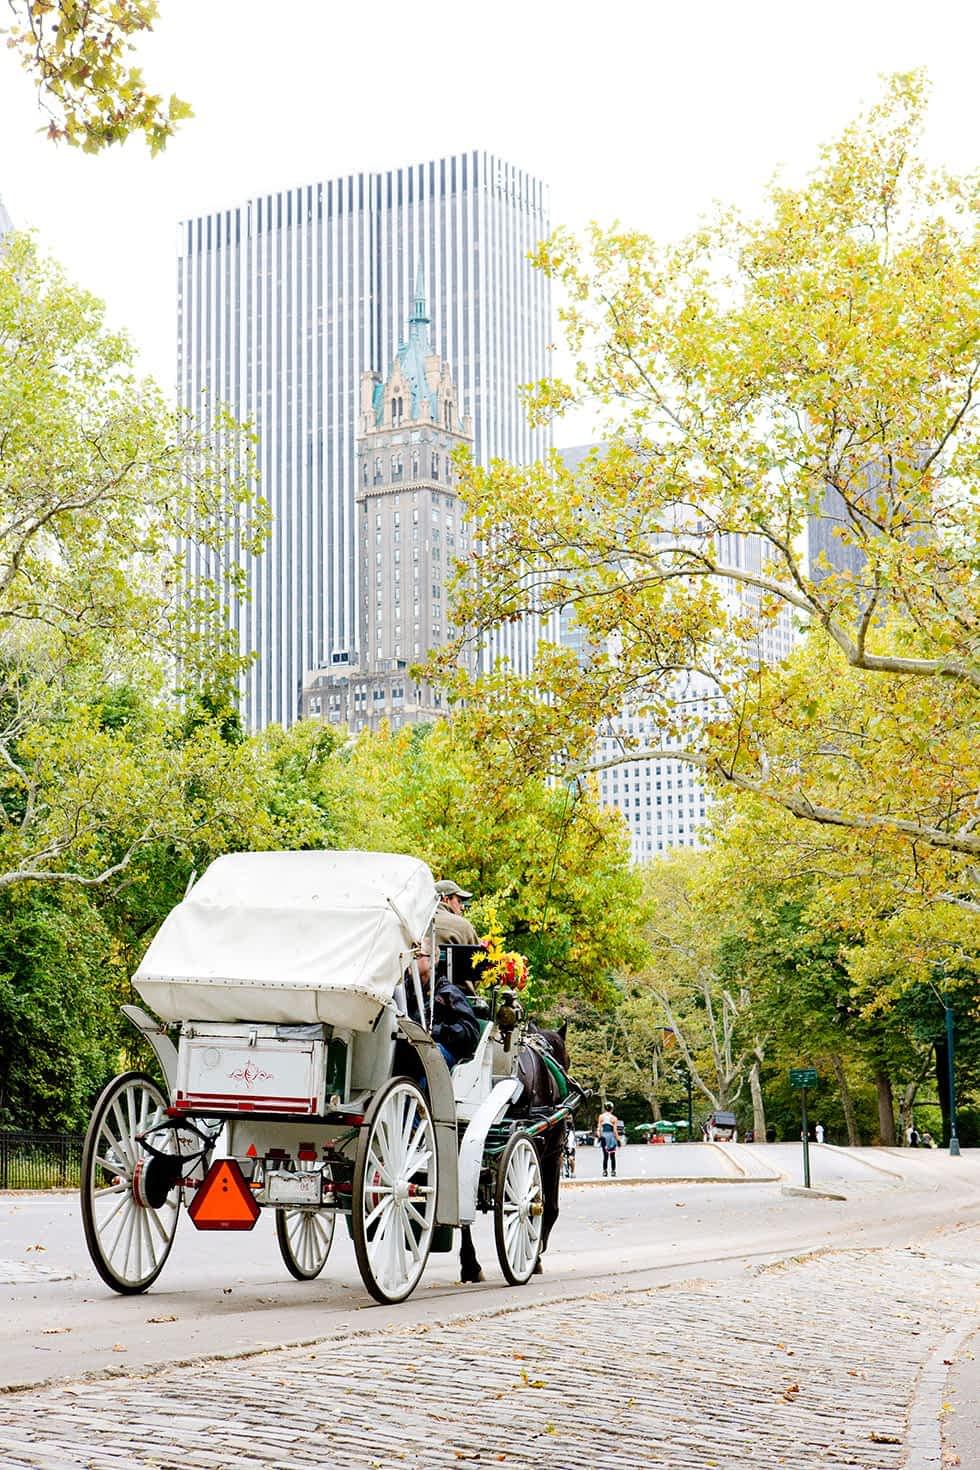 Kutschfahrt durch den Central Park in New York